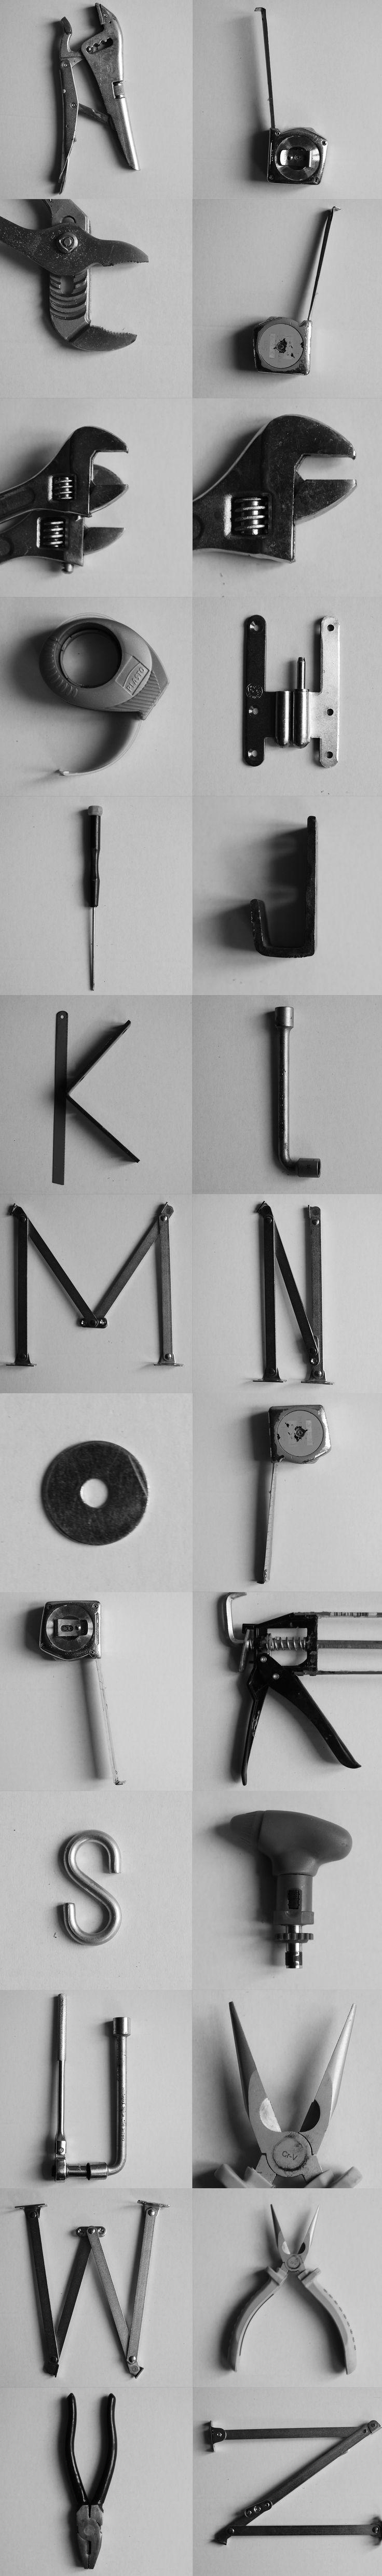 Abécédaire avec des outils de bricolage #typography #crafts